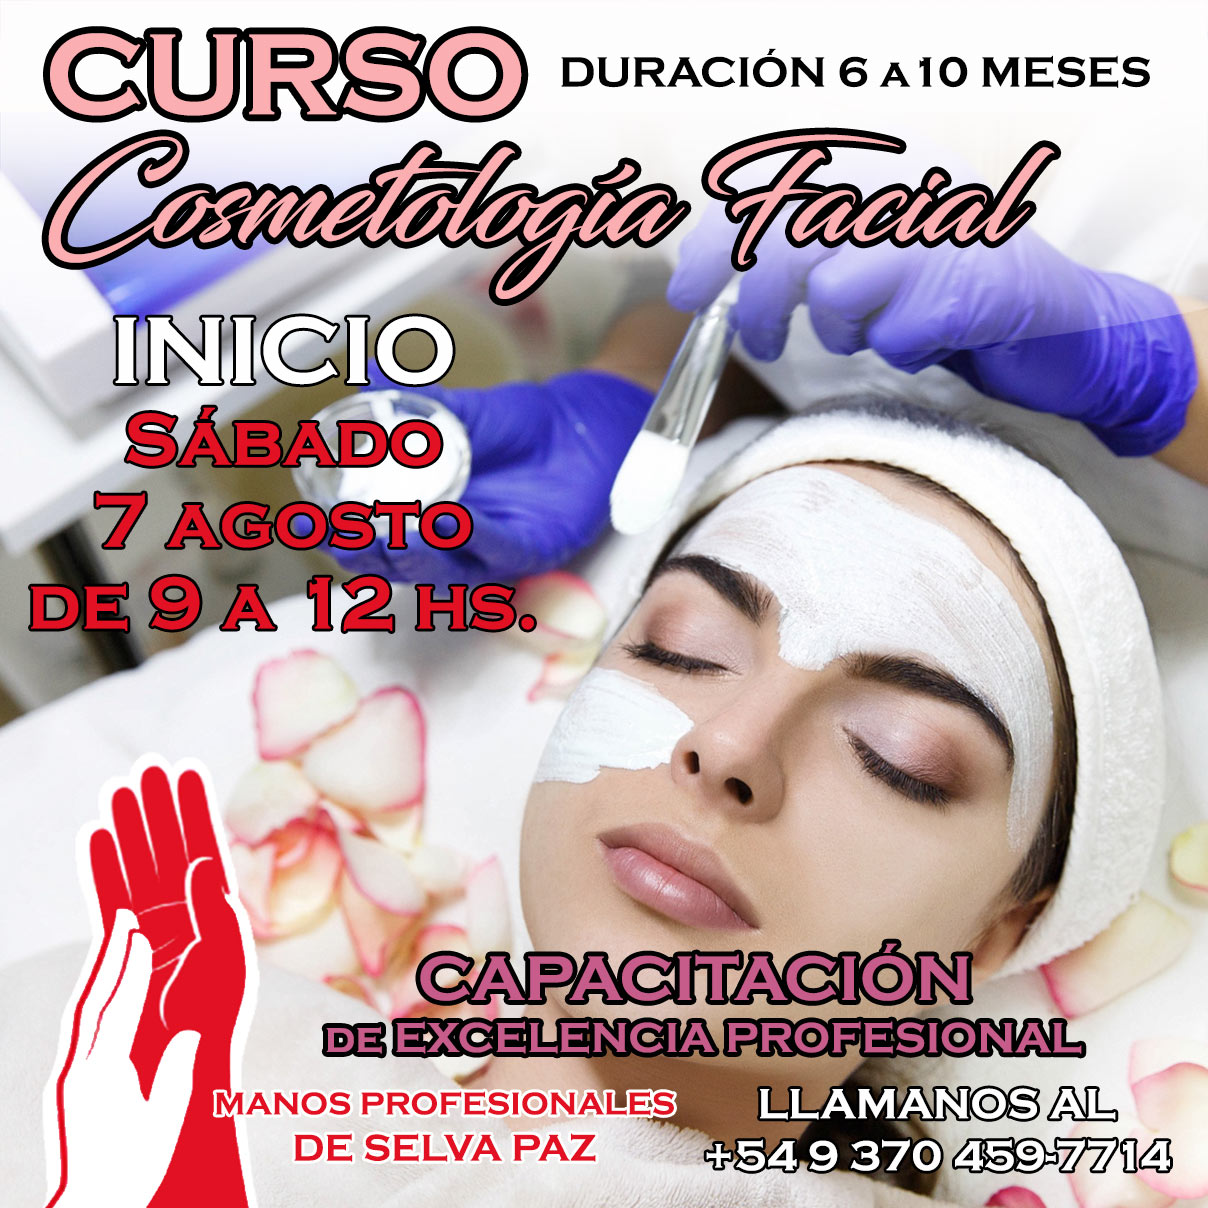 Curso de Cosmetología Facial y Corporal